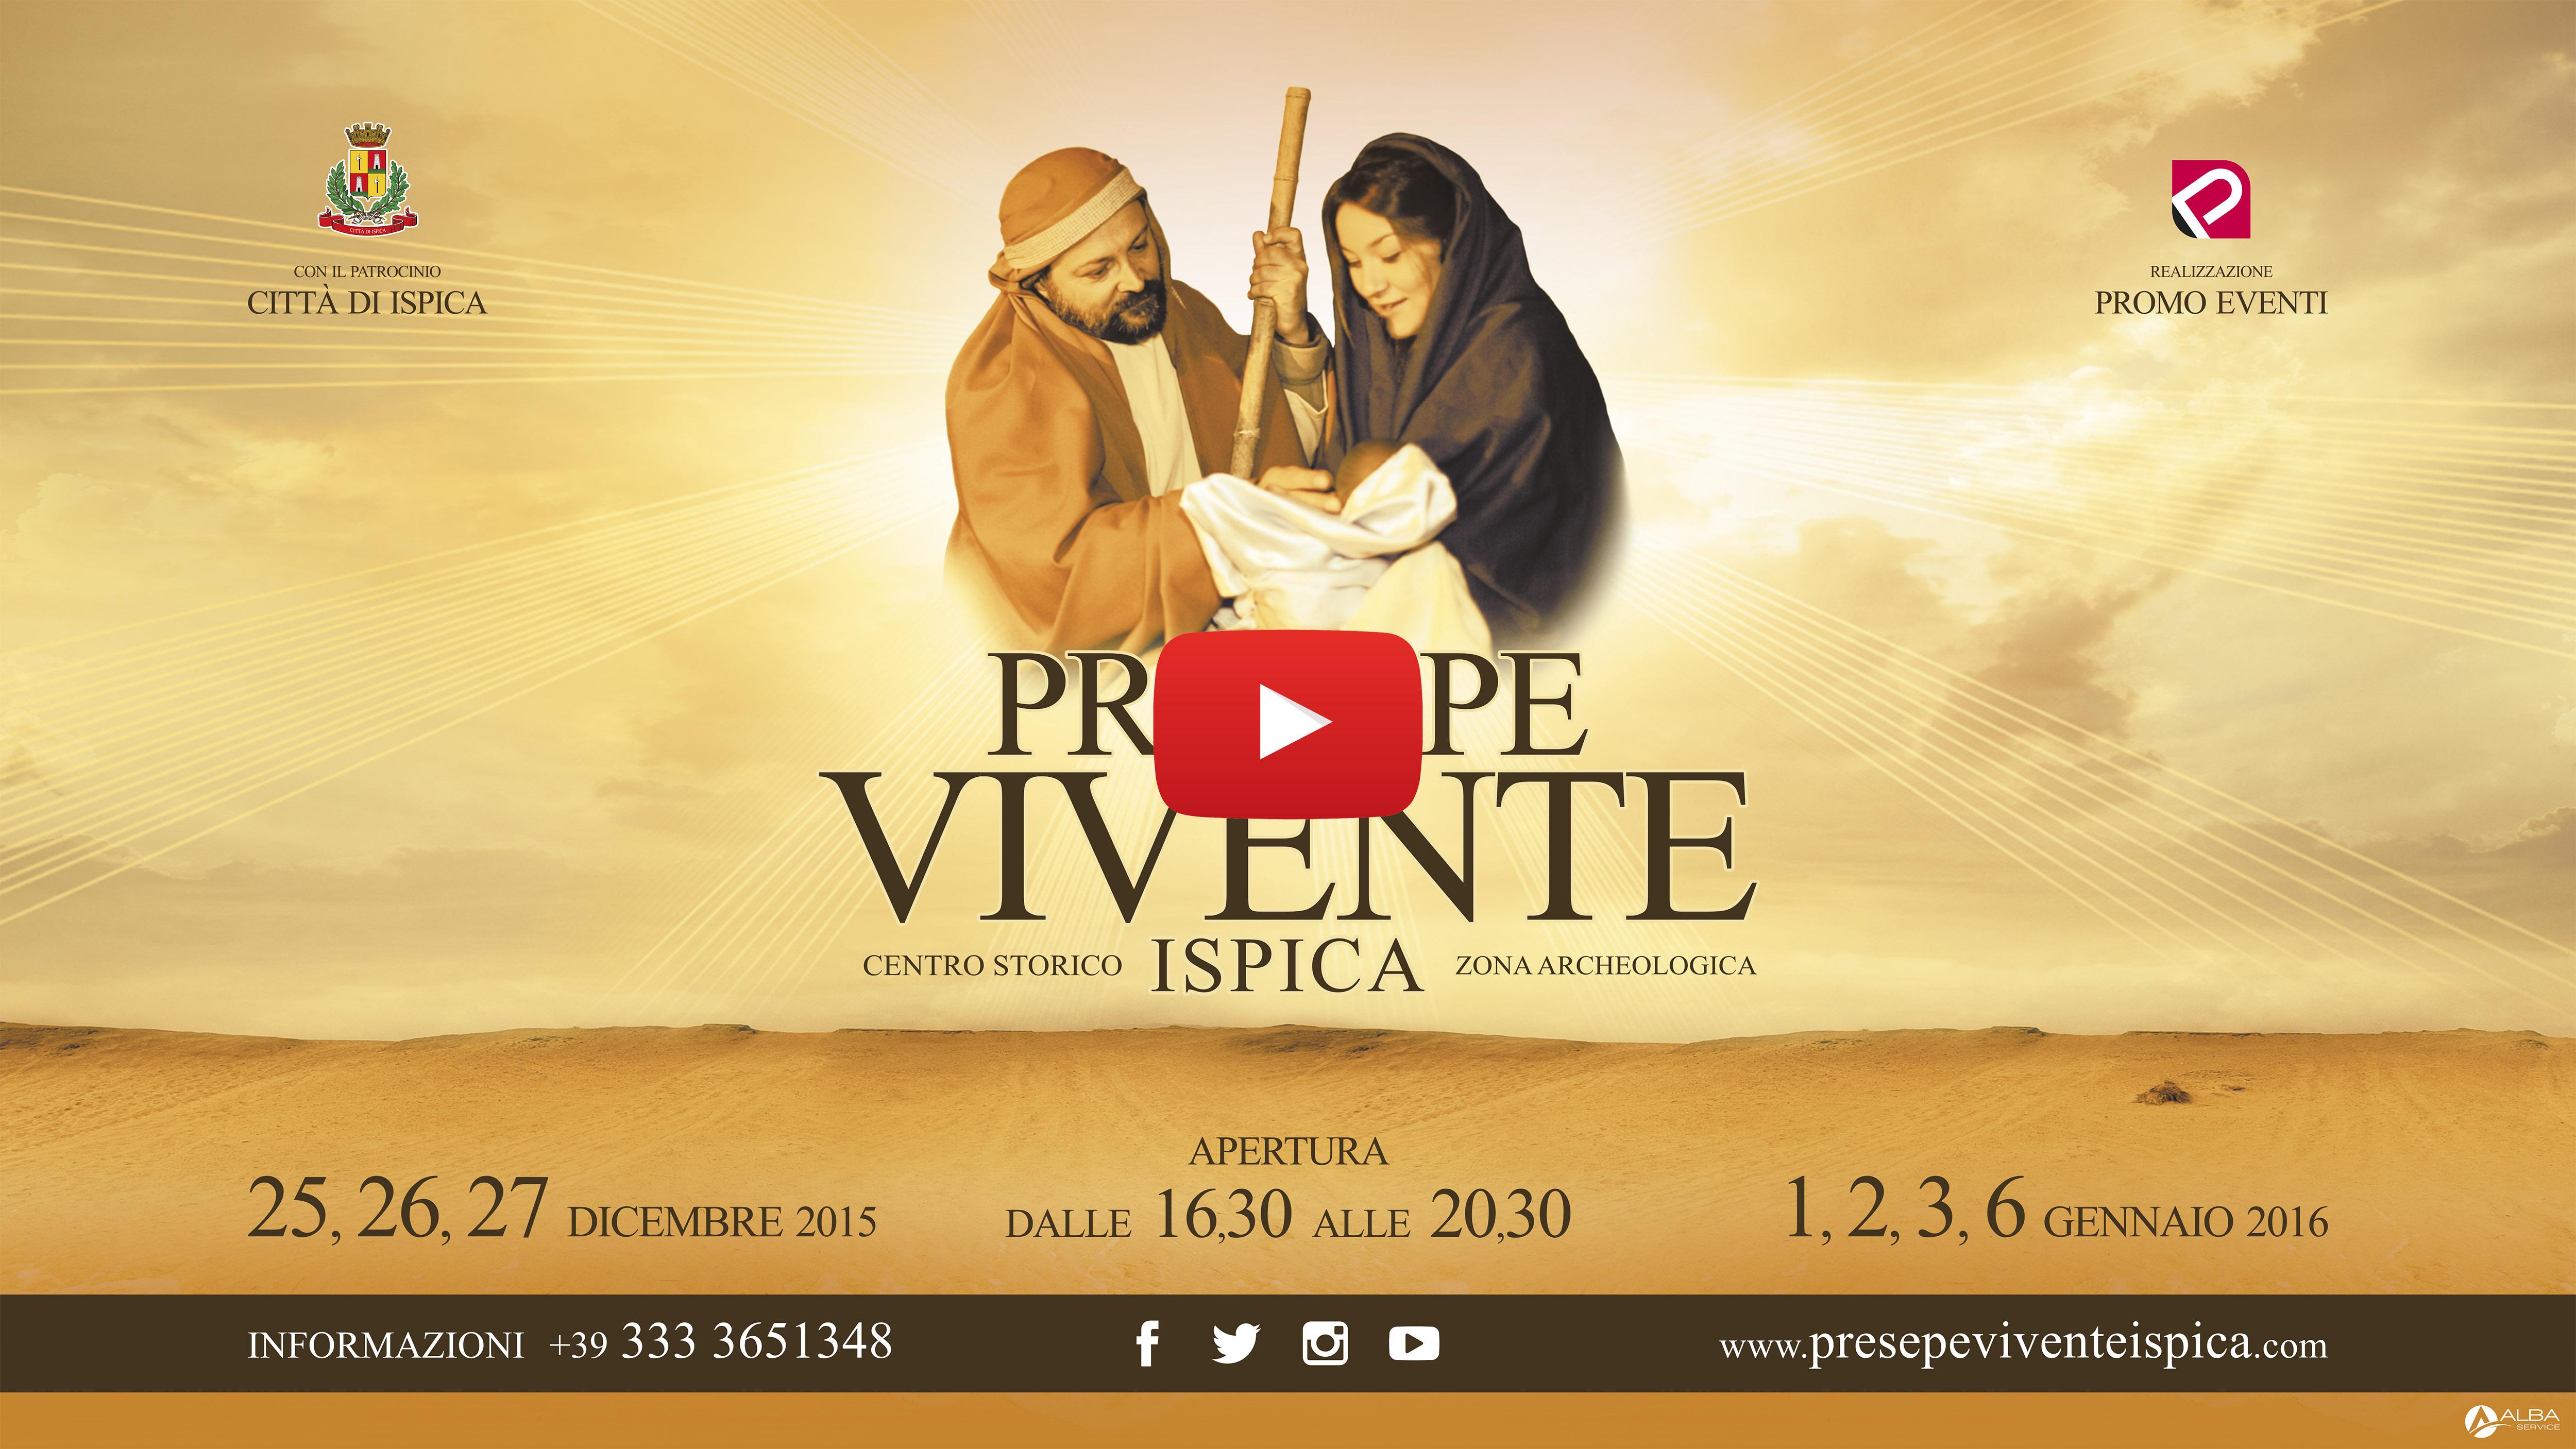 spot Presepe Vivente Ispica